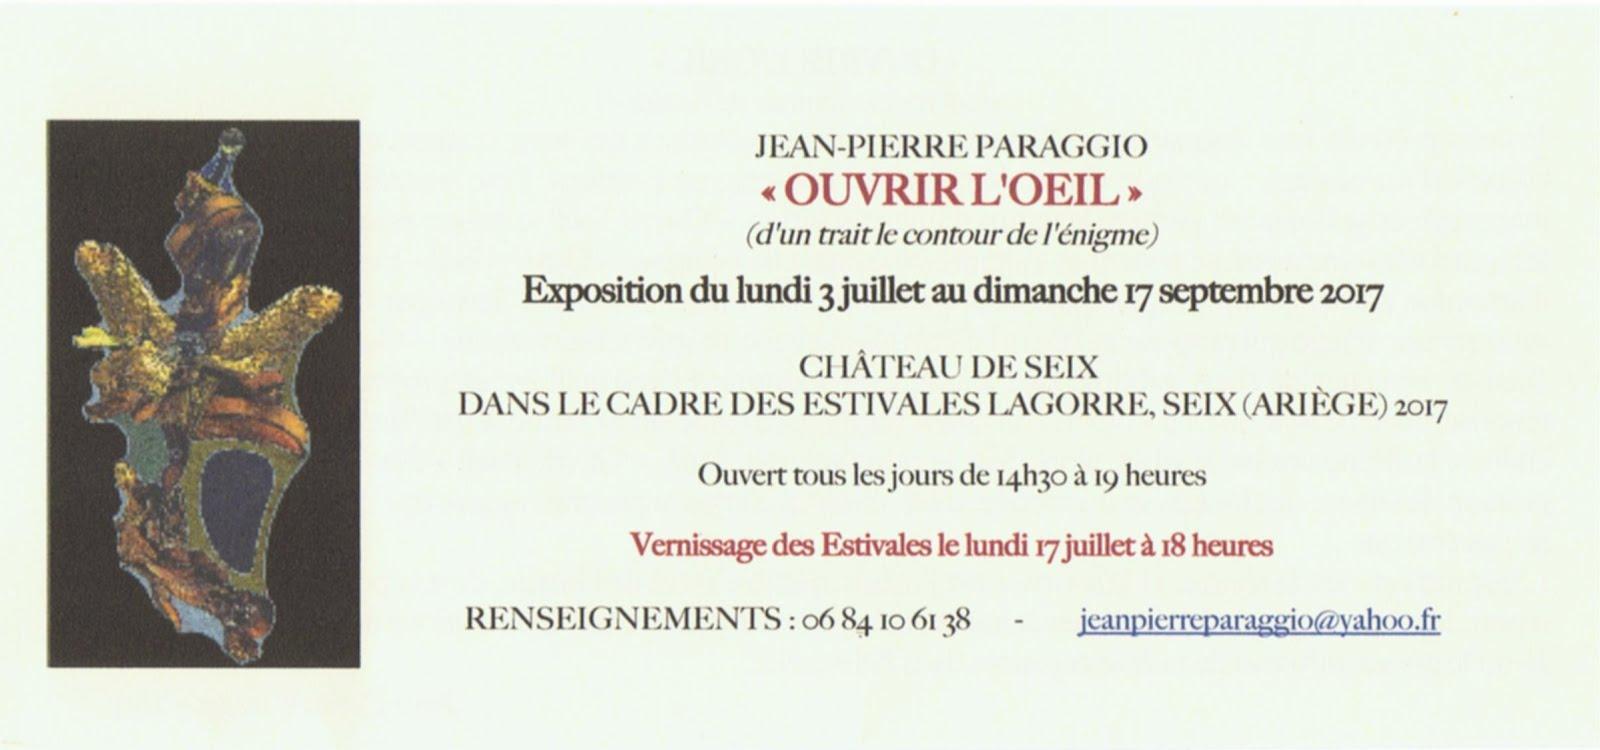 Jean-Pierre PARAGGIO, «OUVRIR L'OEIL», EXPOSITION 3 juillet au 17 septembre 2017